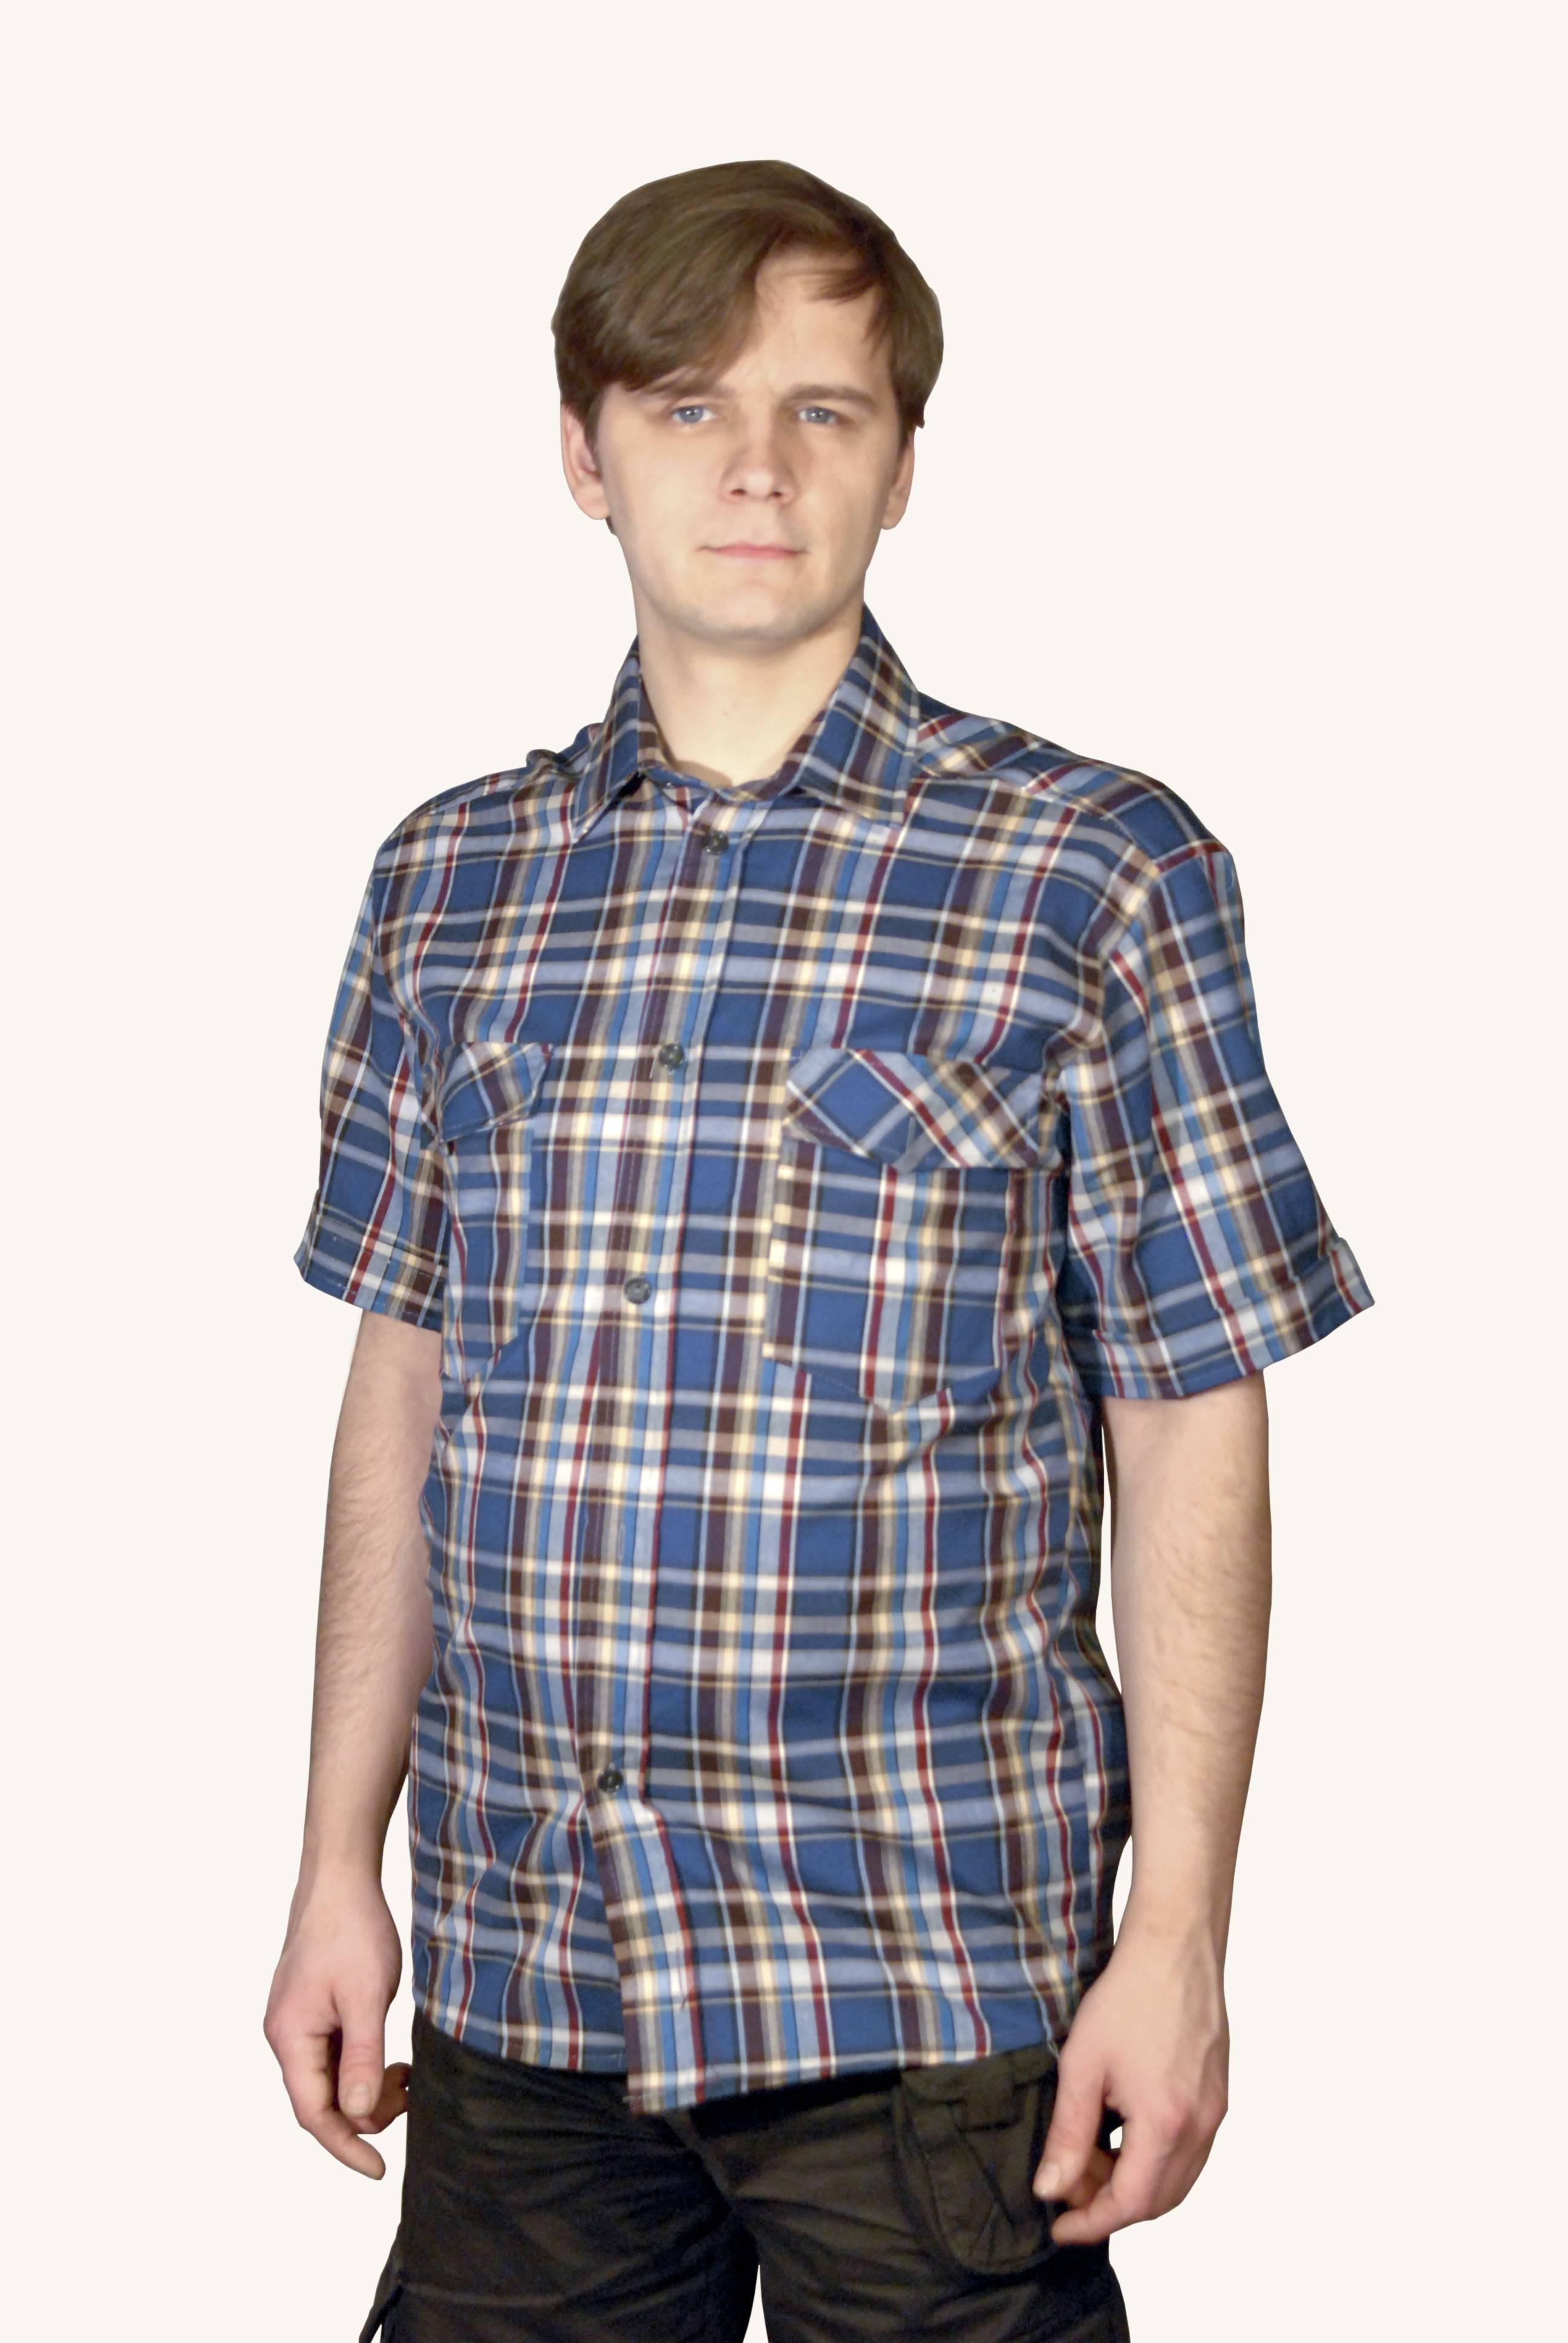 Рубашка шотландка короткий рукав | купить ивановский текстиль оптом